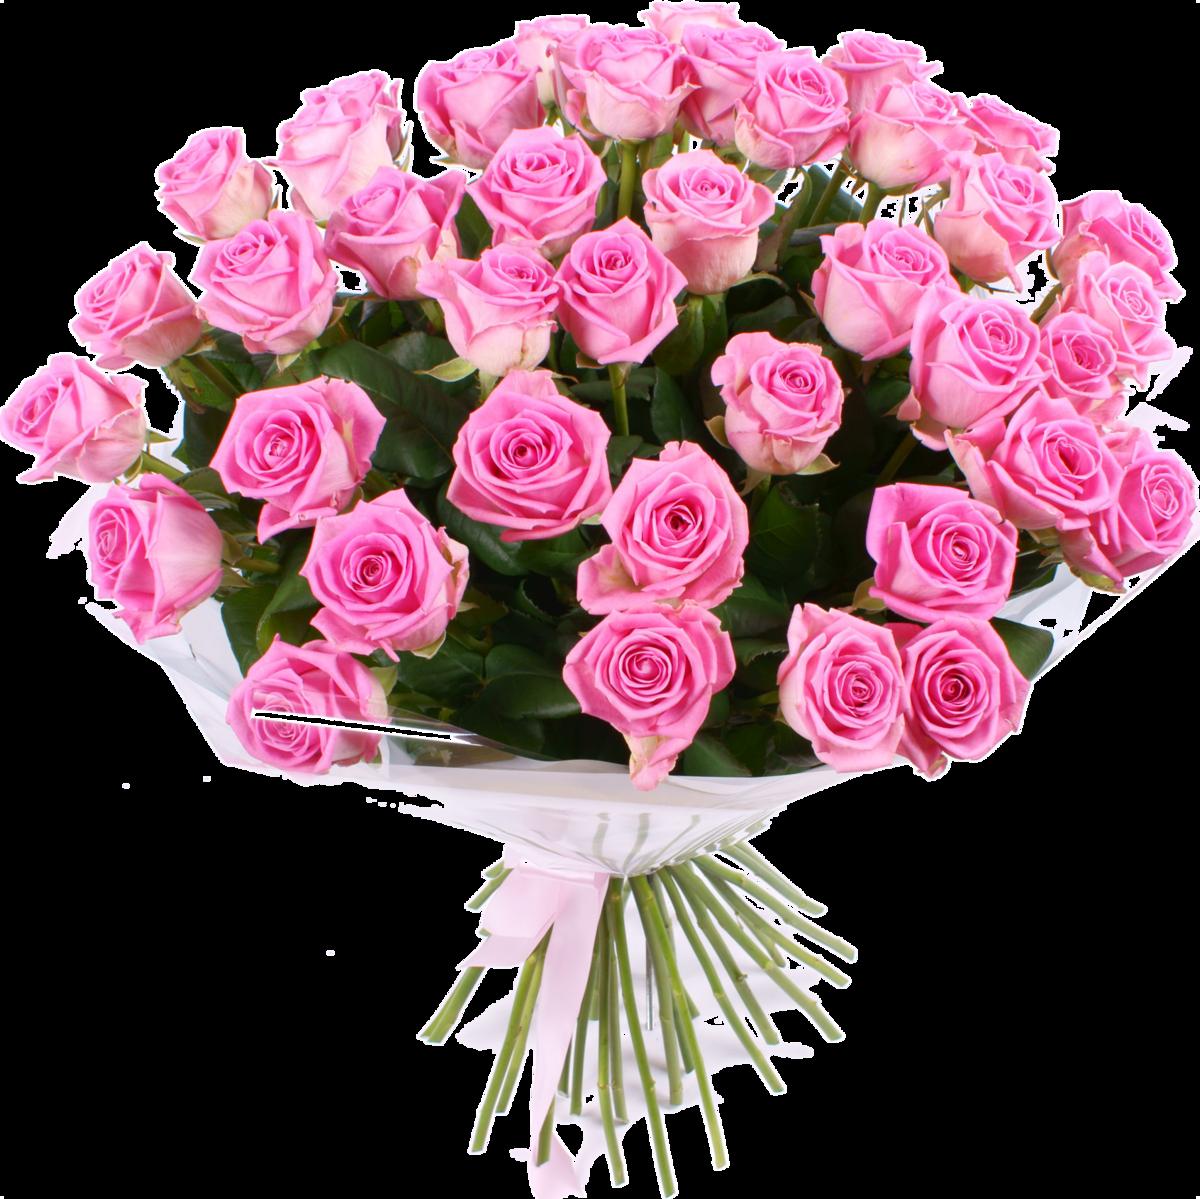 Открытка с букетом розовых роз, самоделкина мультфильма незнайка